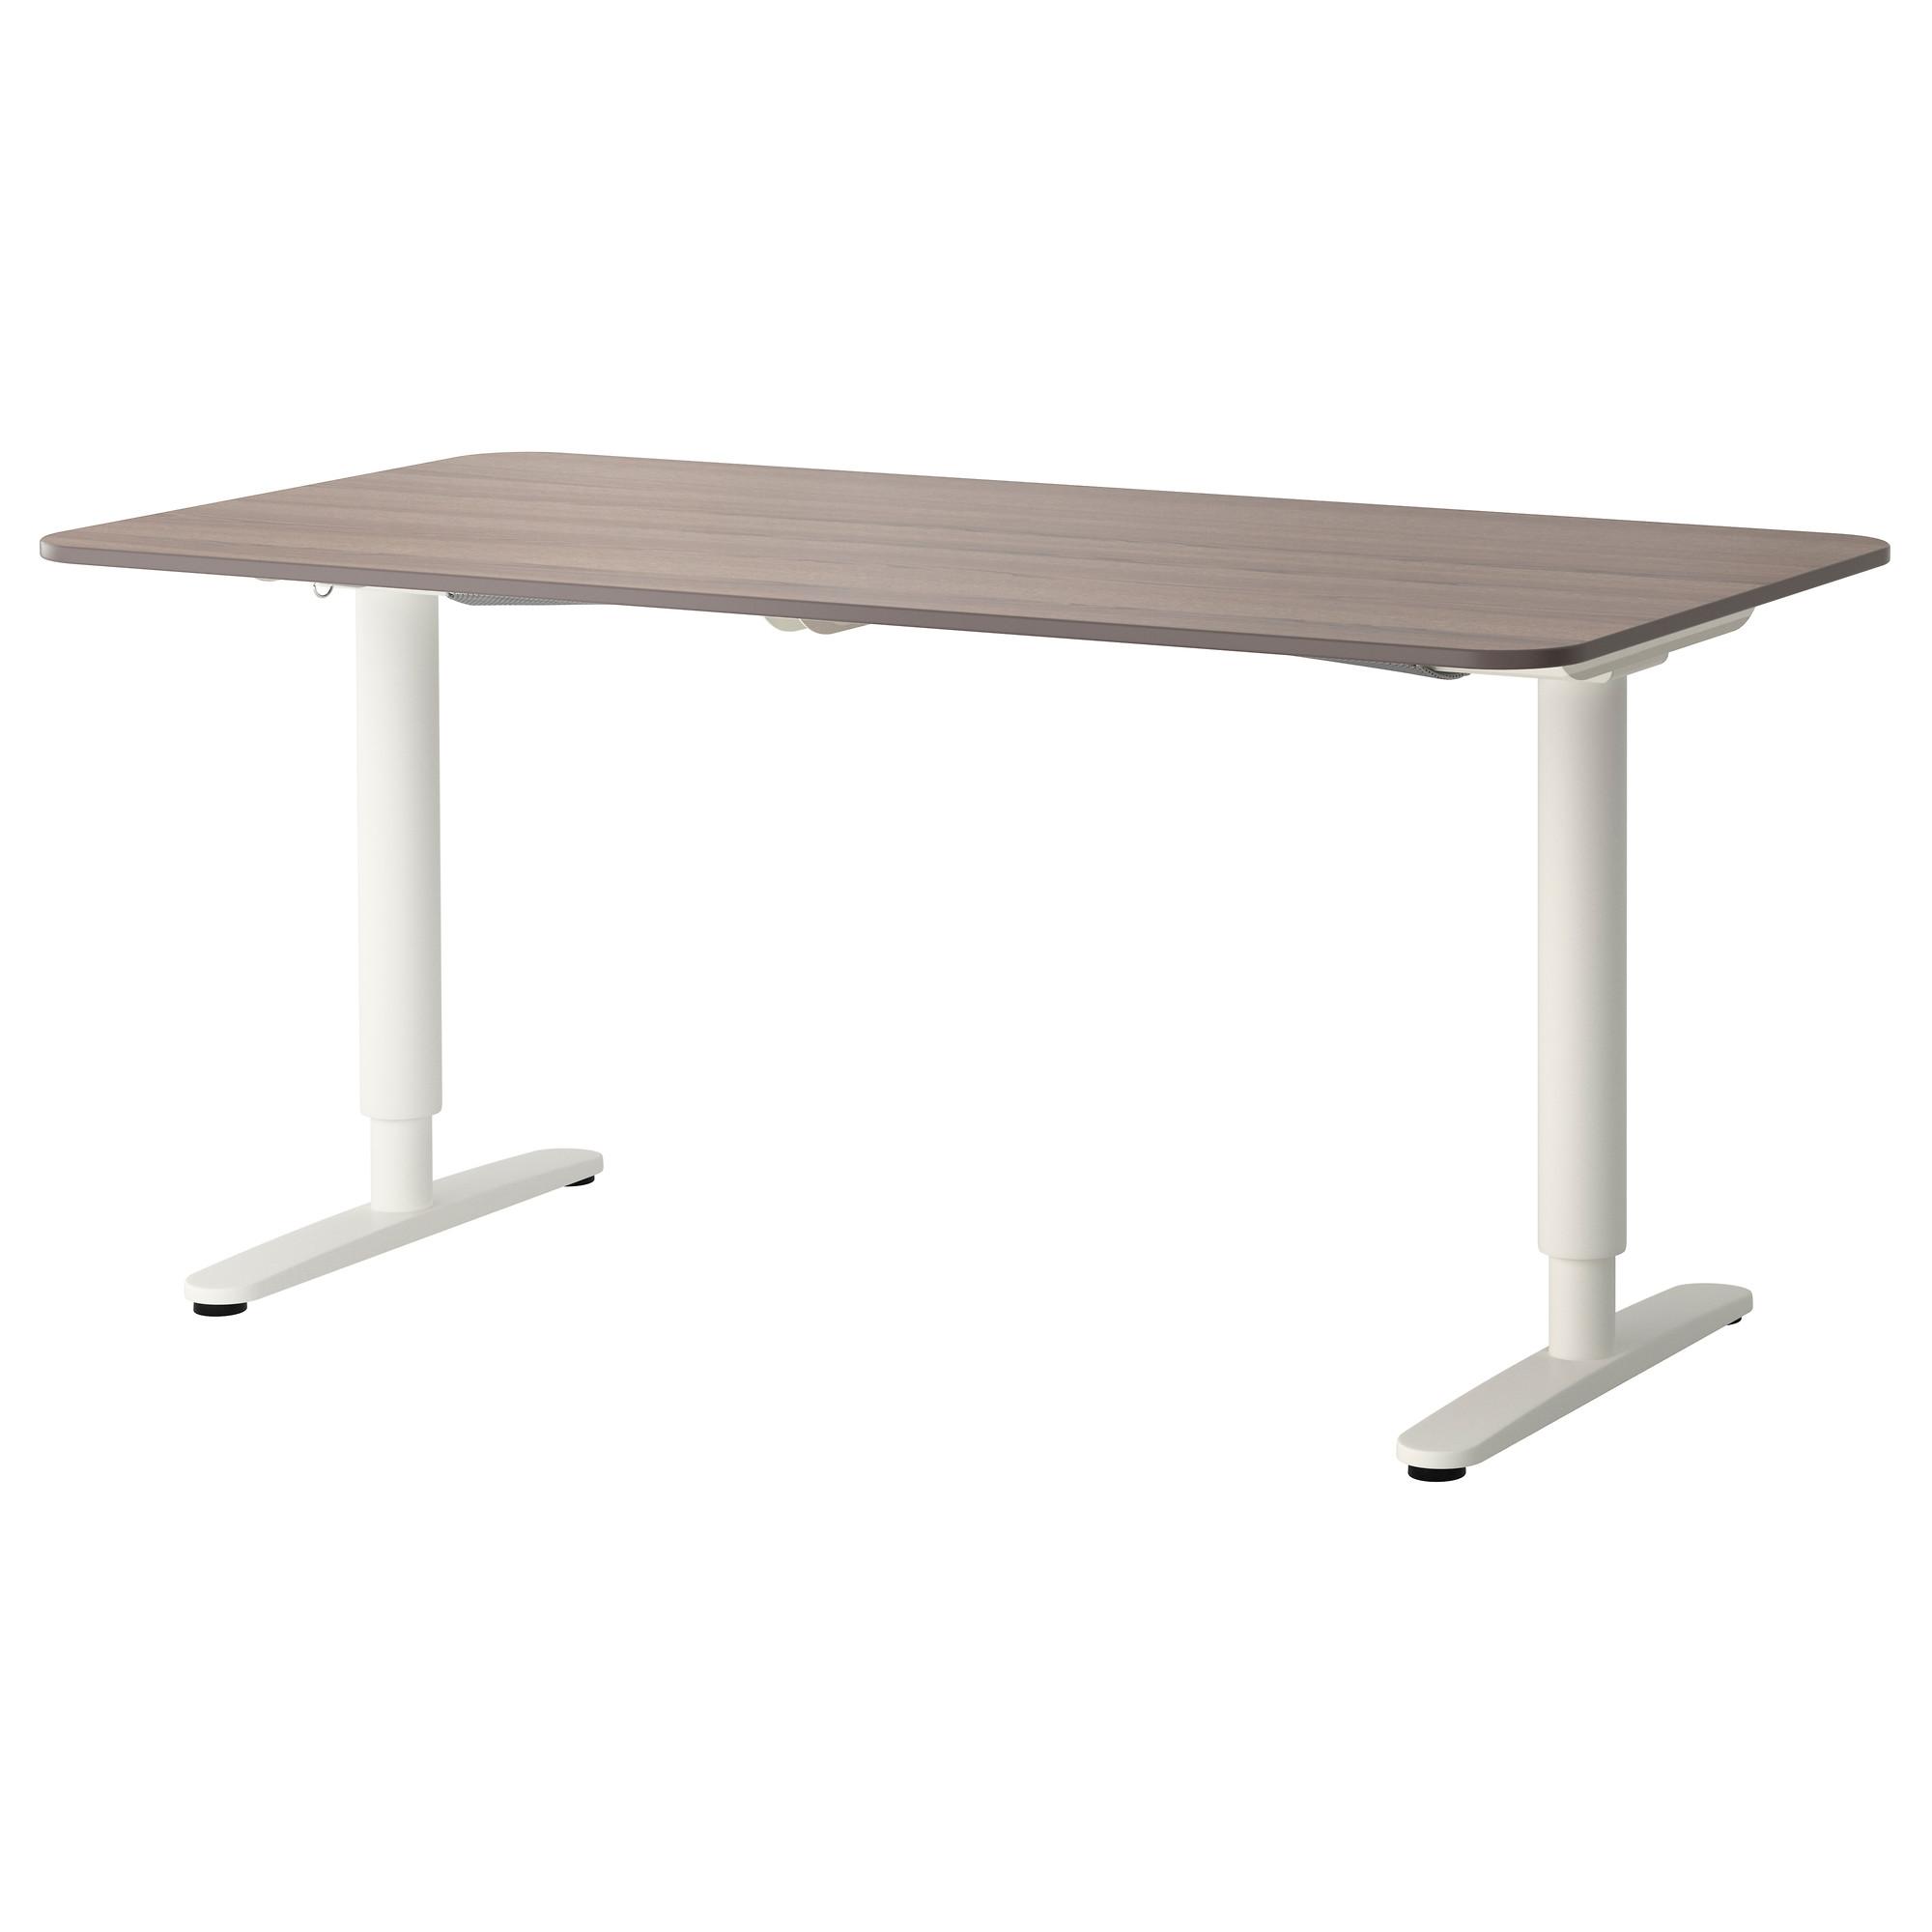 купить стол трансформер бекант серый белый в икеа минск цена